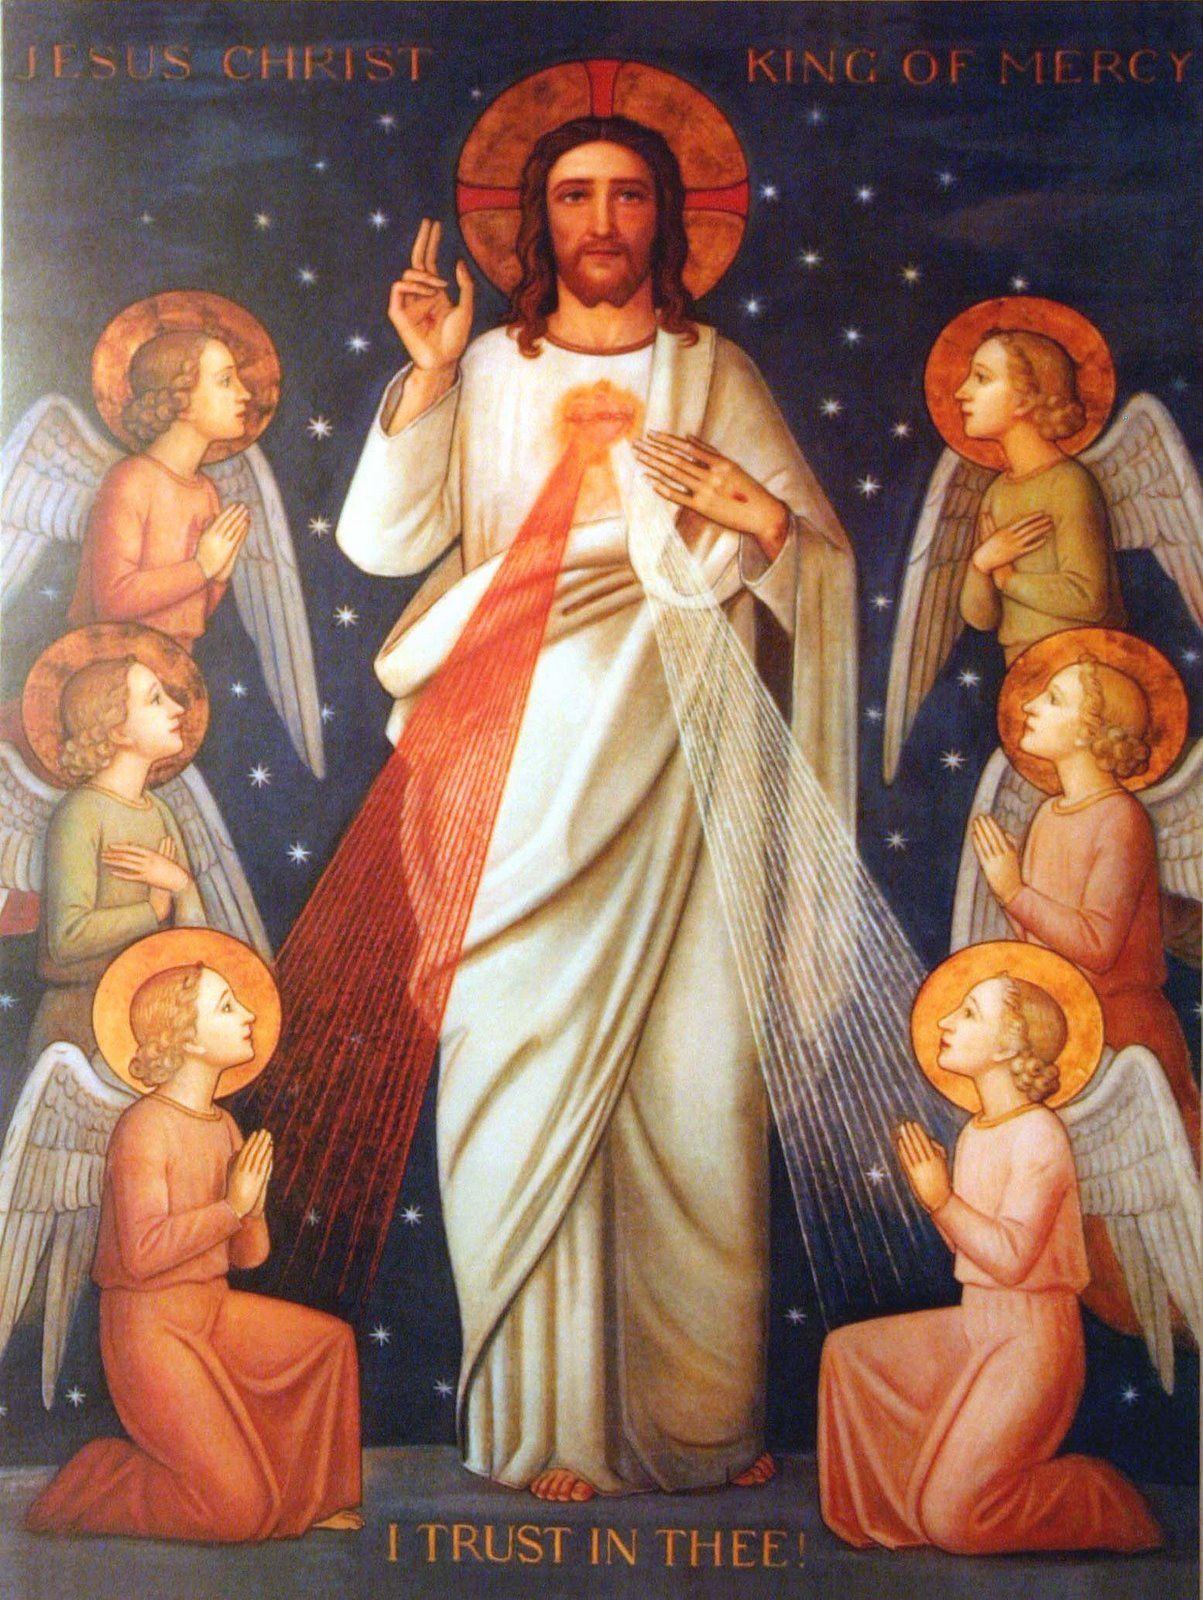 la resurrección imágenes - buscar con google | imagenes religiosas